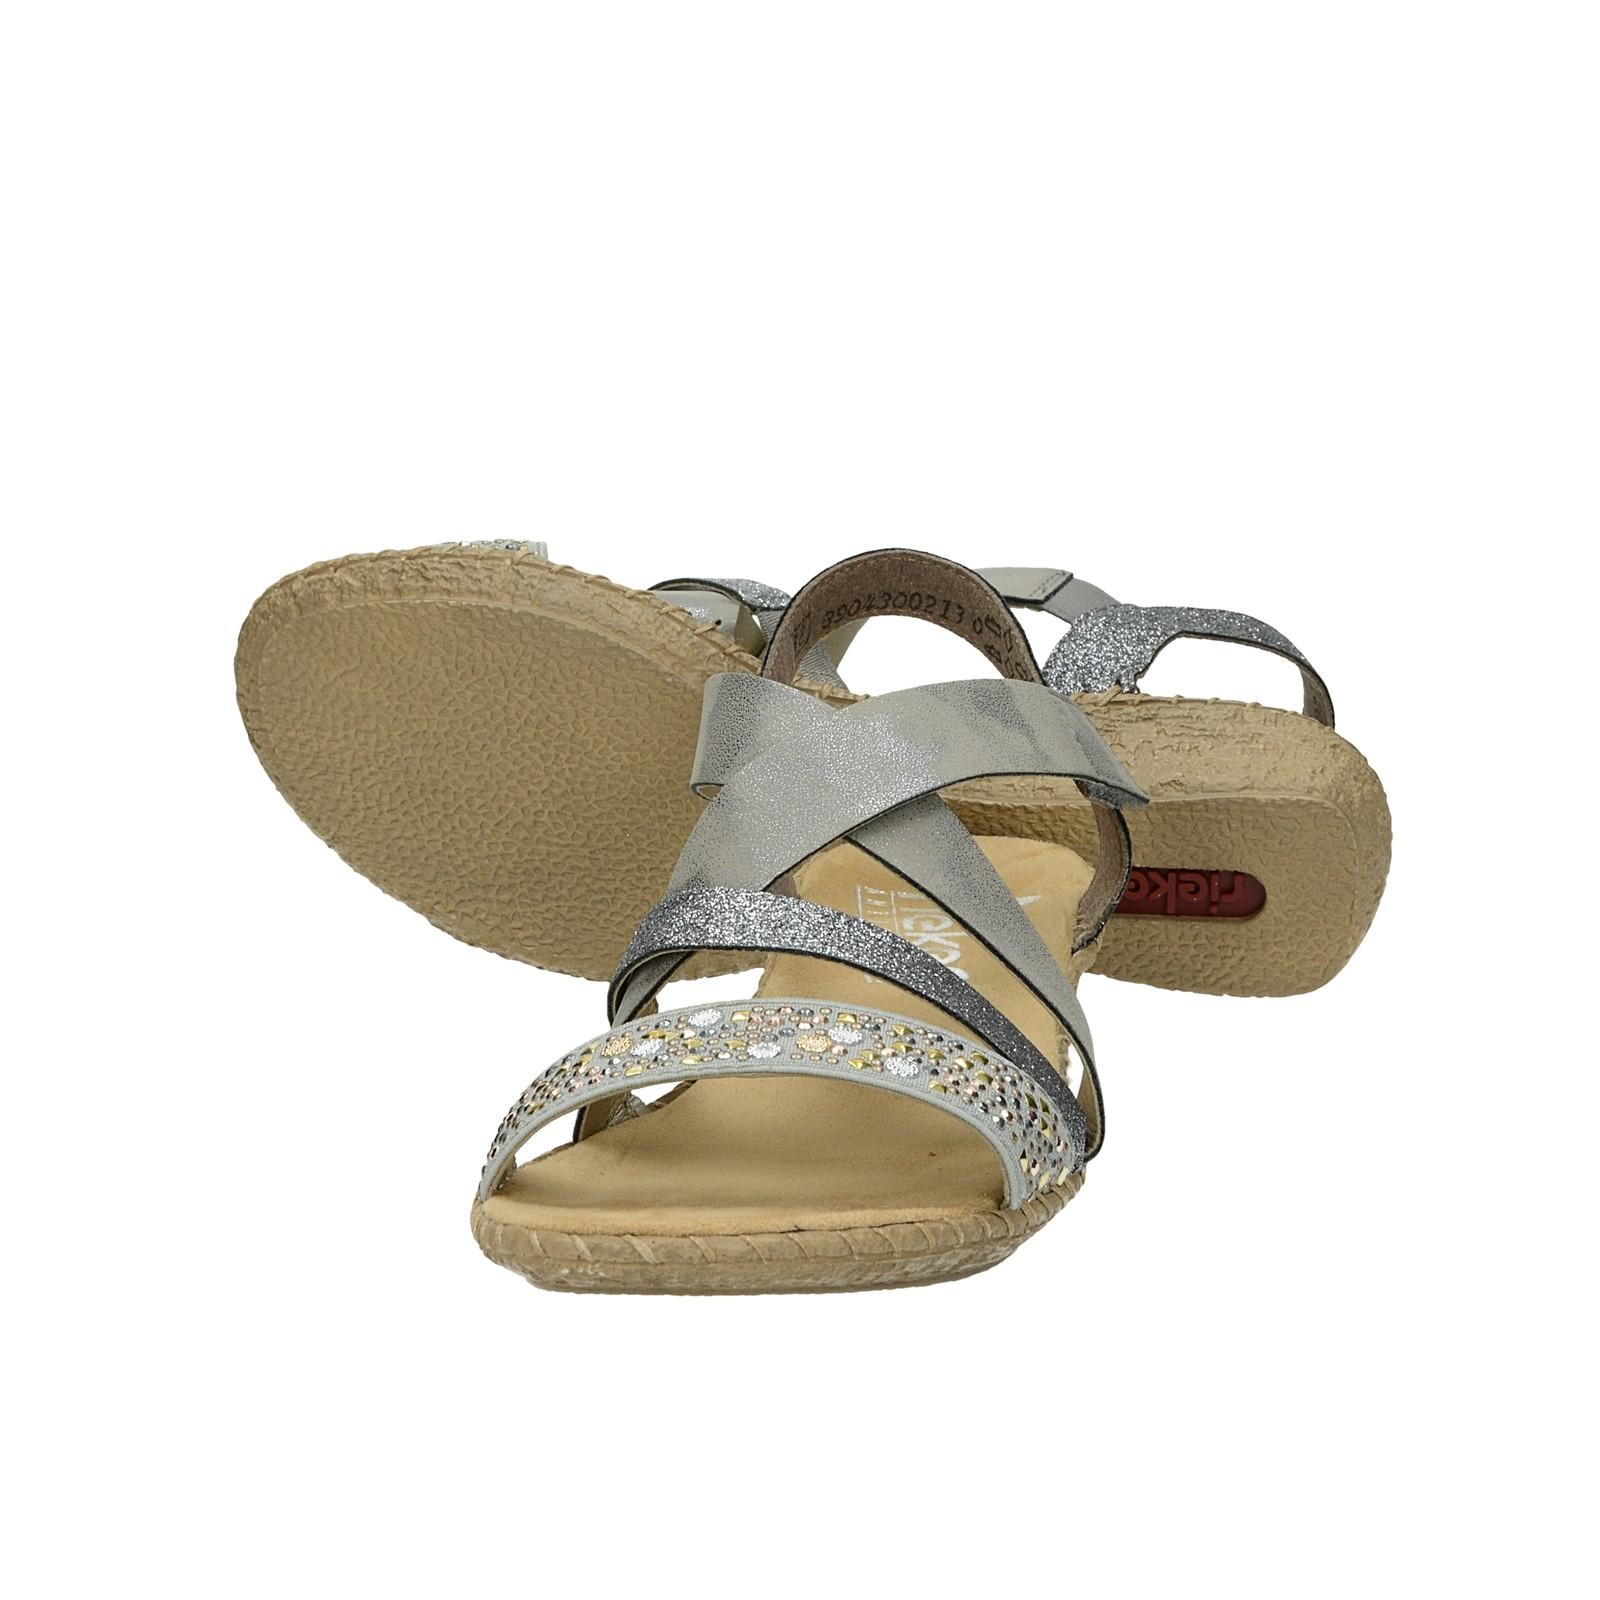 233fb18f3386 ... Rieker dámske štýlové sandále s ozdobnými prvky - šedé ...